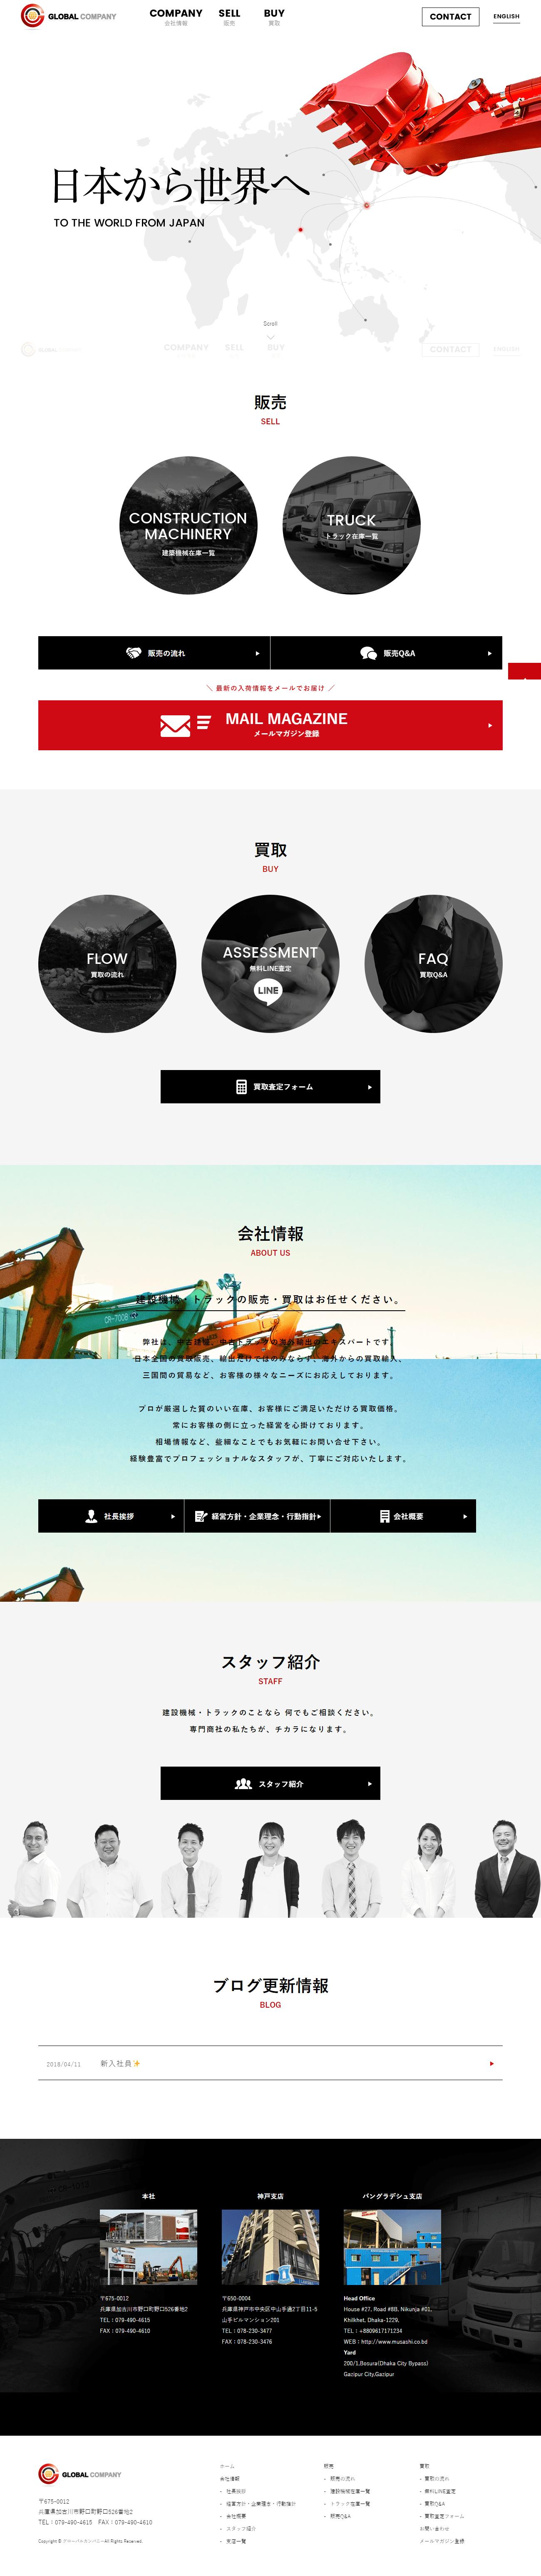 加古川市 株式会社グローバルカンパニー様 ホームページ制作1